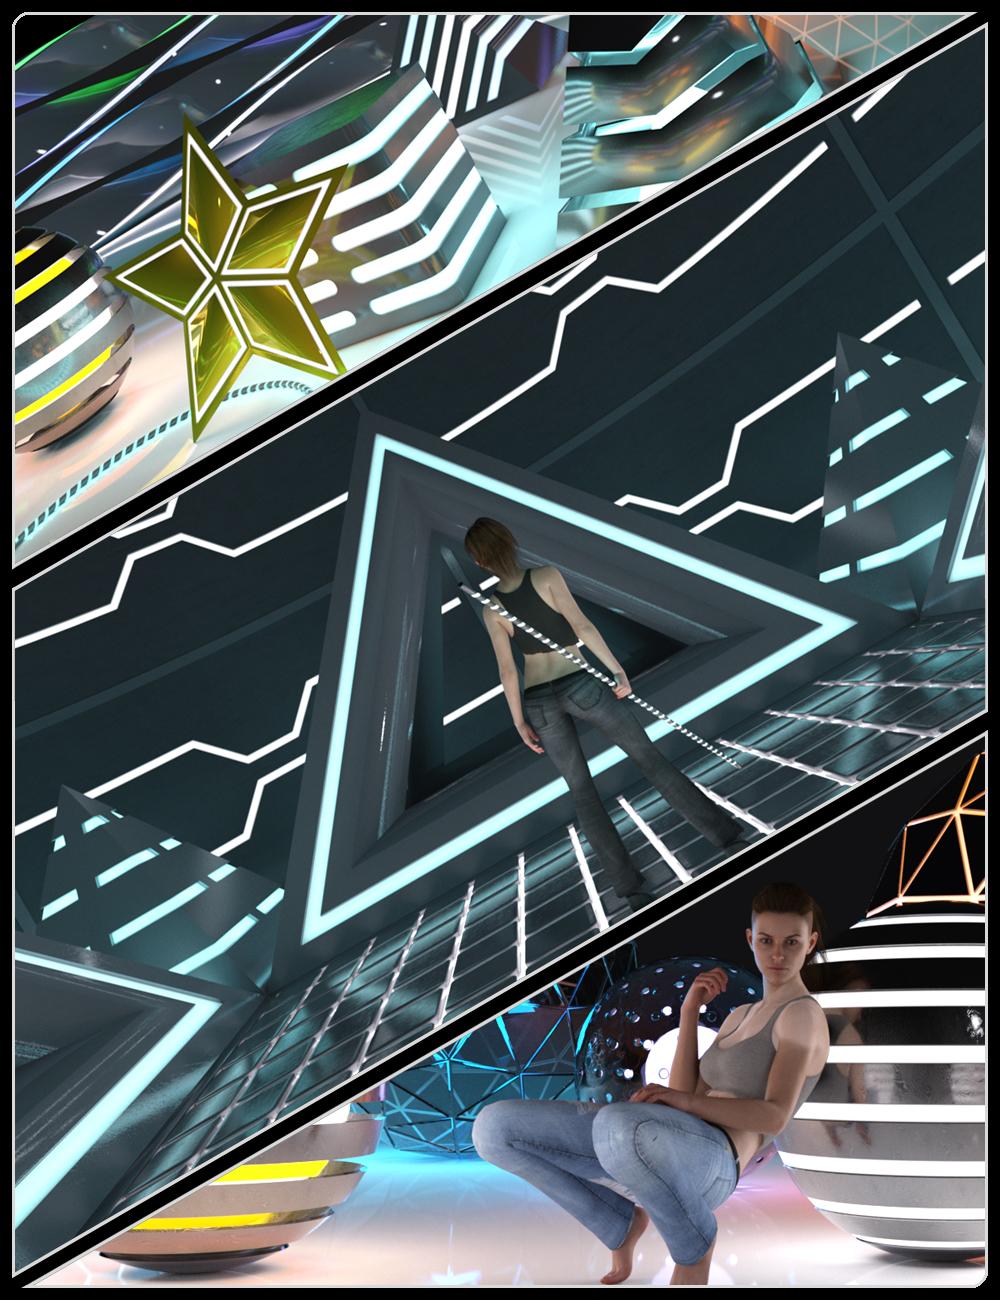 FM Glowing Things by: Flipmode, 3D Models by Daz 3D